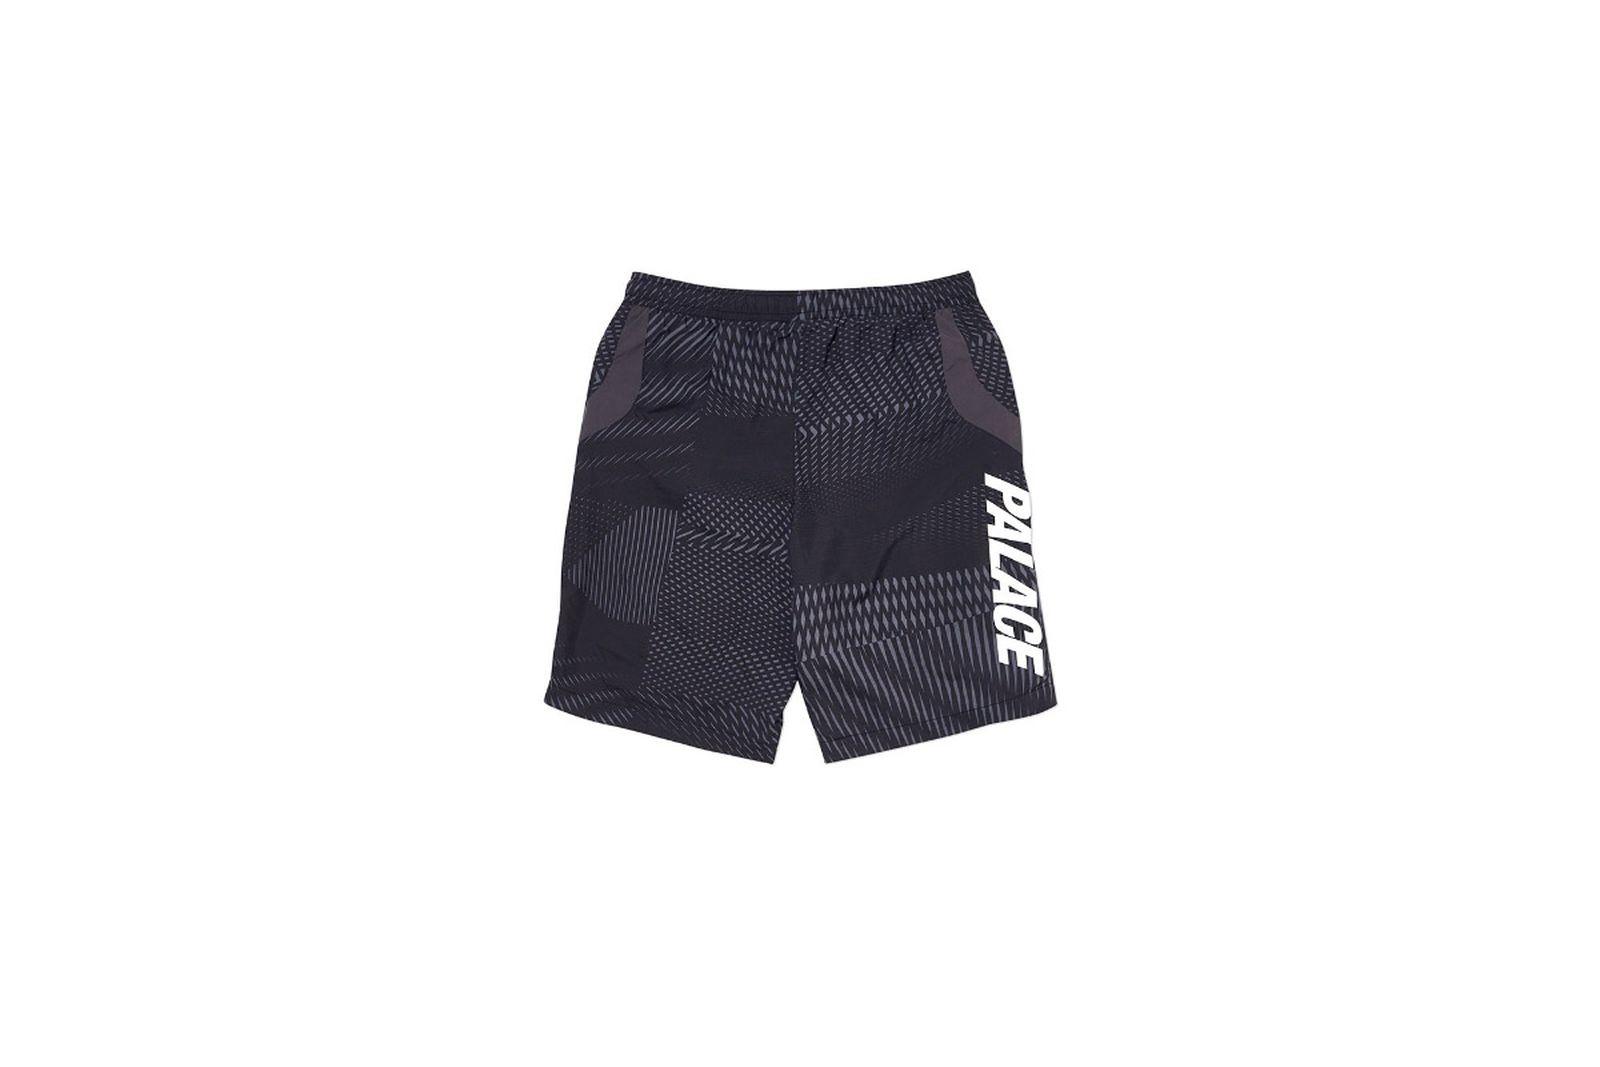 Palace 2019 Autumn Shorts Dazzler Shell black back